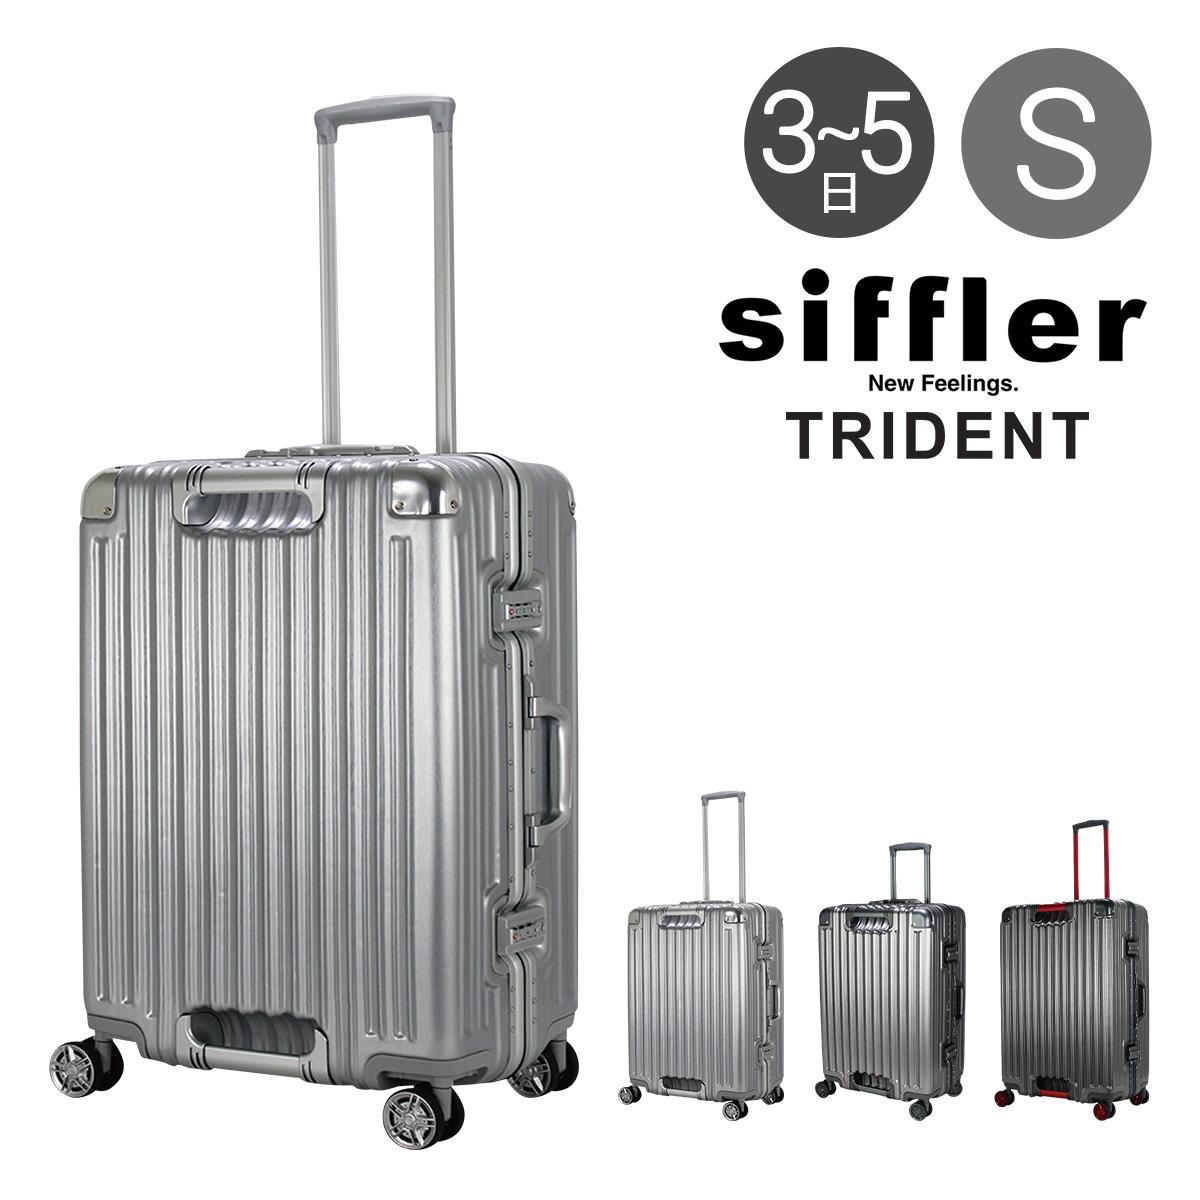 シフレ スーツケース 4輪|58L 60cm 5.4kg トライデント TRI1102-60|軽量 ハード フレーム Siffler|TSAロック搭載 キャリーバッグ キャリーケース[PO10][bef]